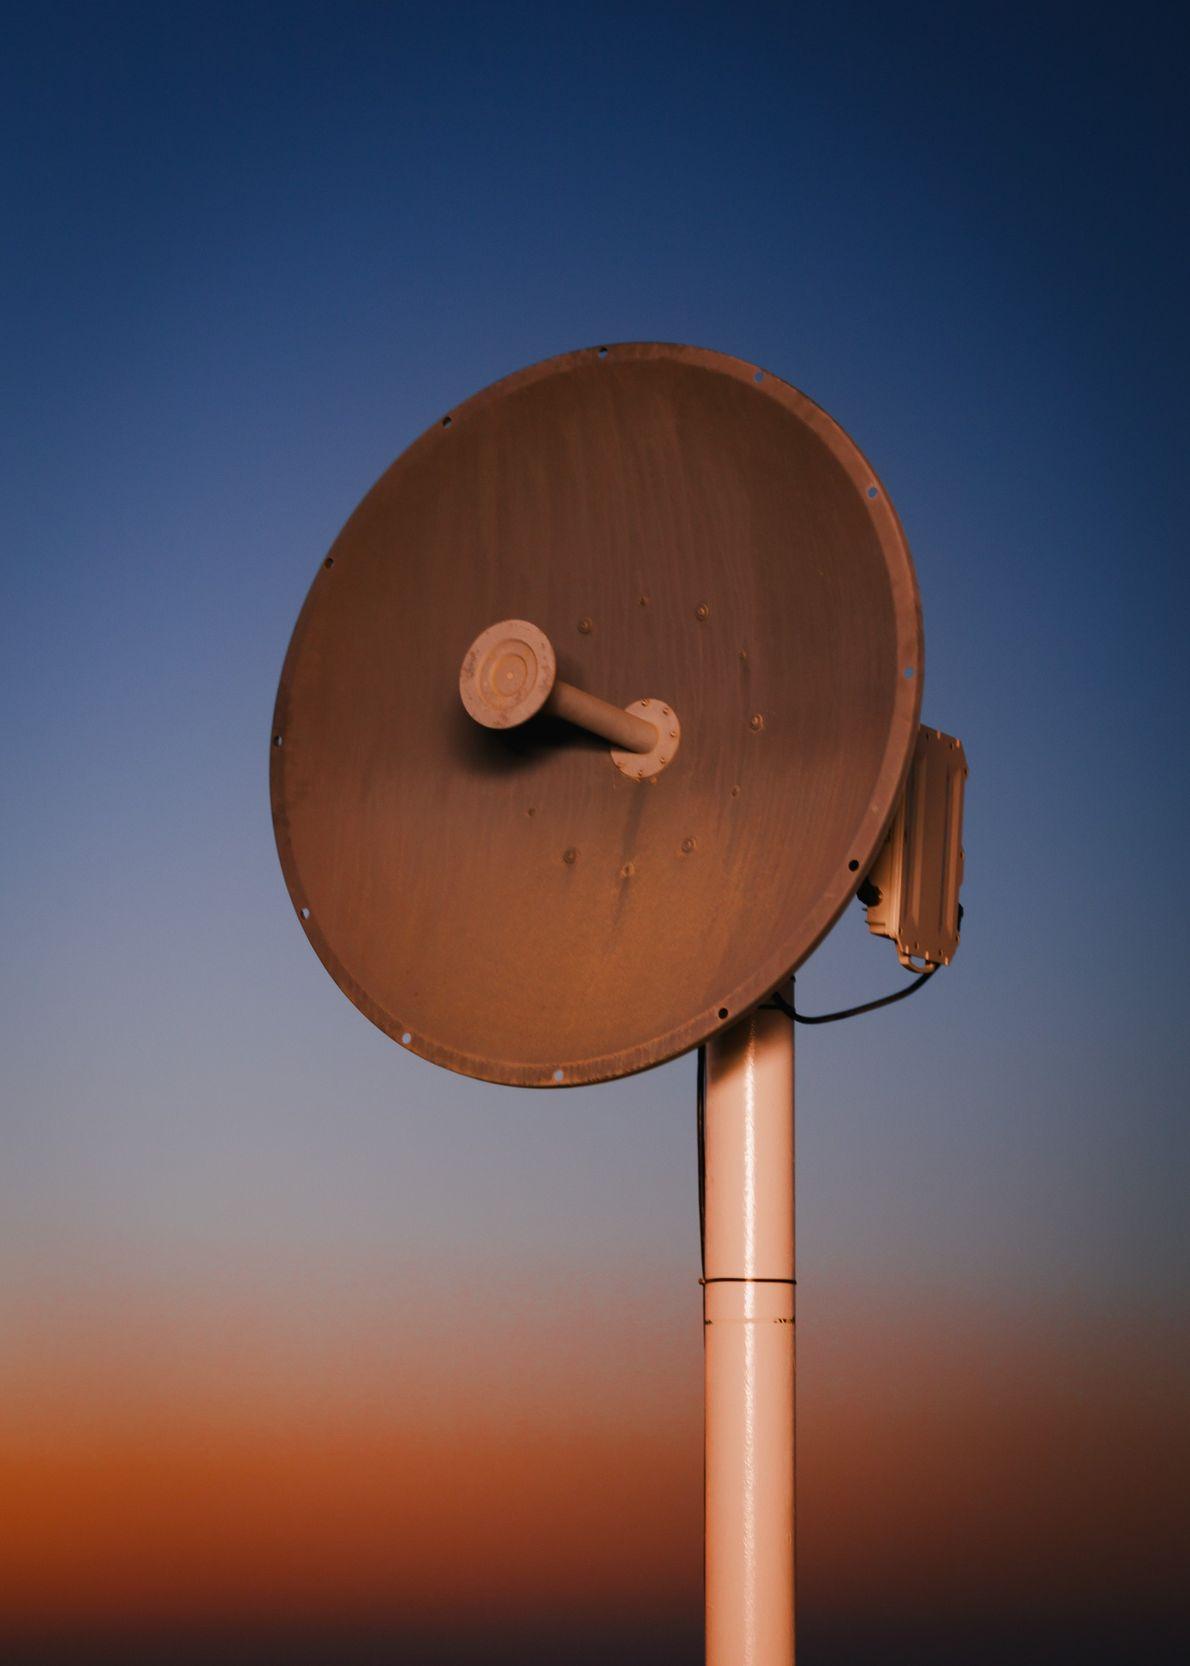 Uma antena de micro-ondas fornece os serviços de comunicação da Estação Kepler